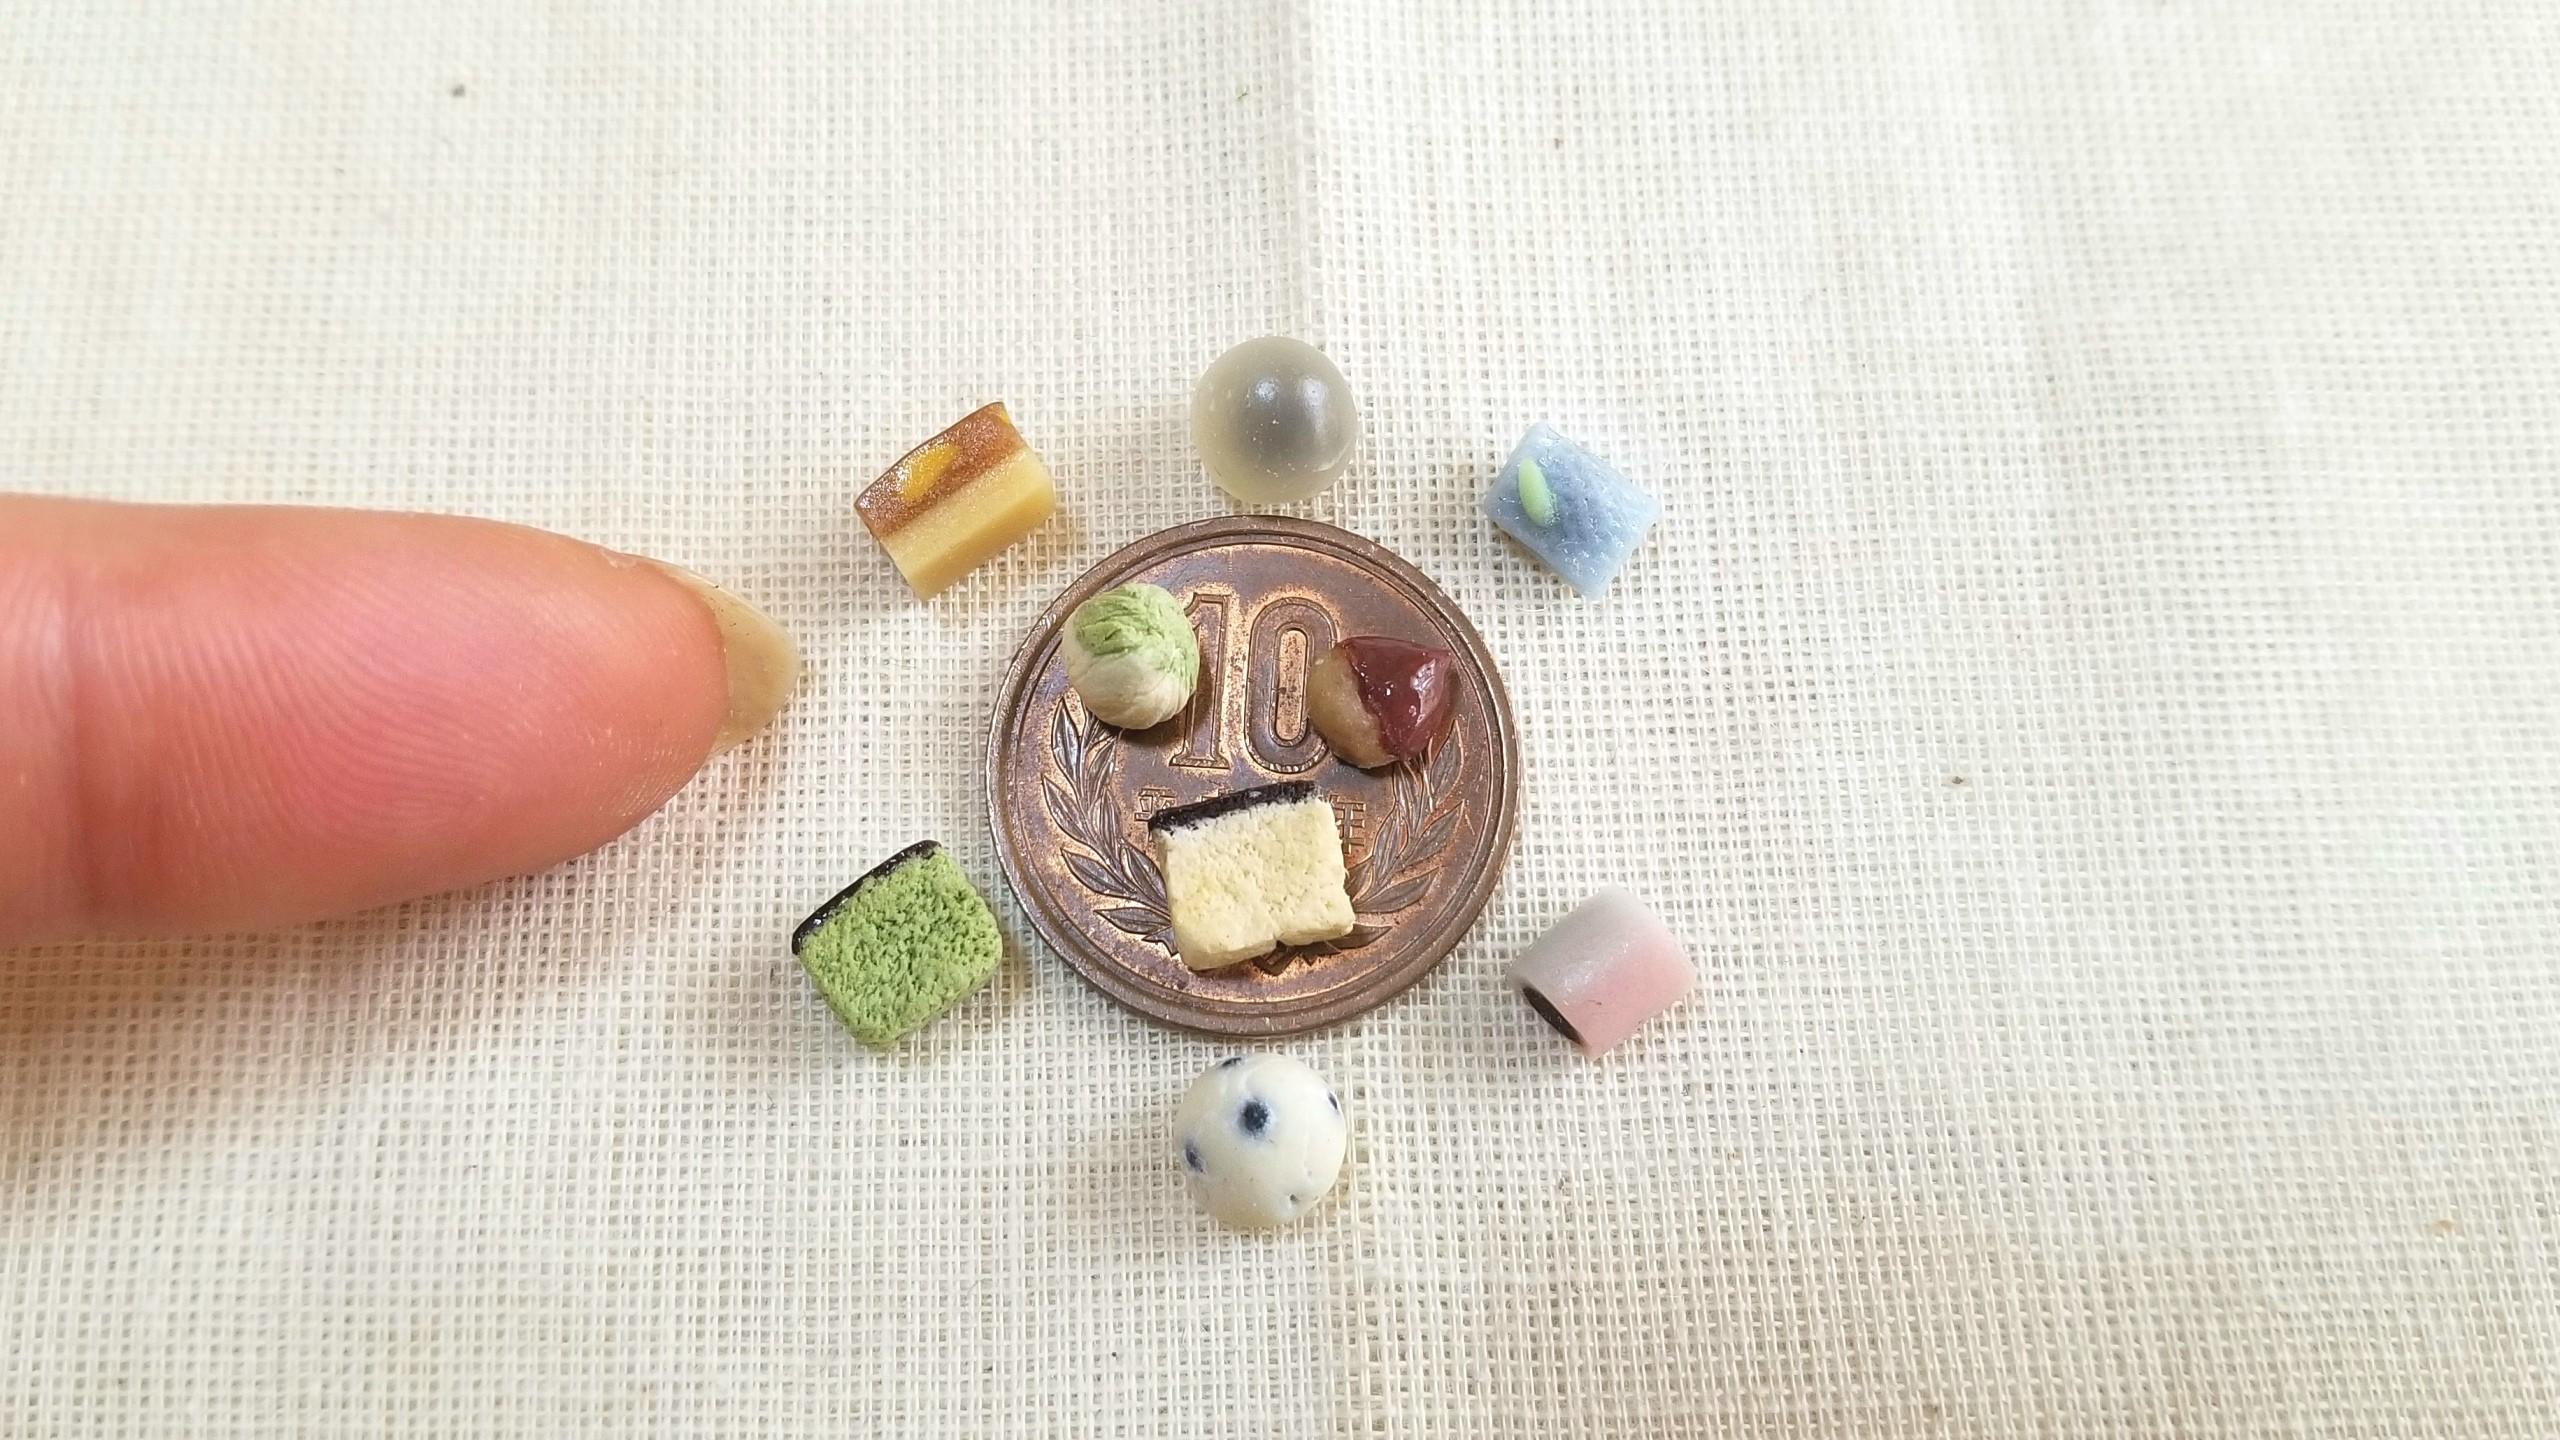 ミニチュア,和菓子,樹脂粘土,ドールハウス,フェイクフード,サンプル